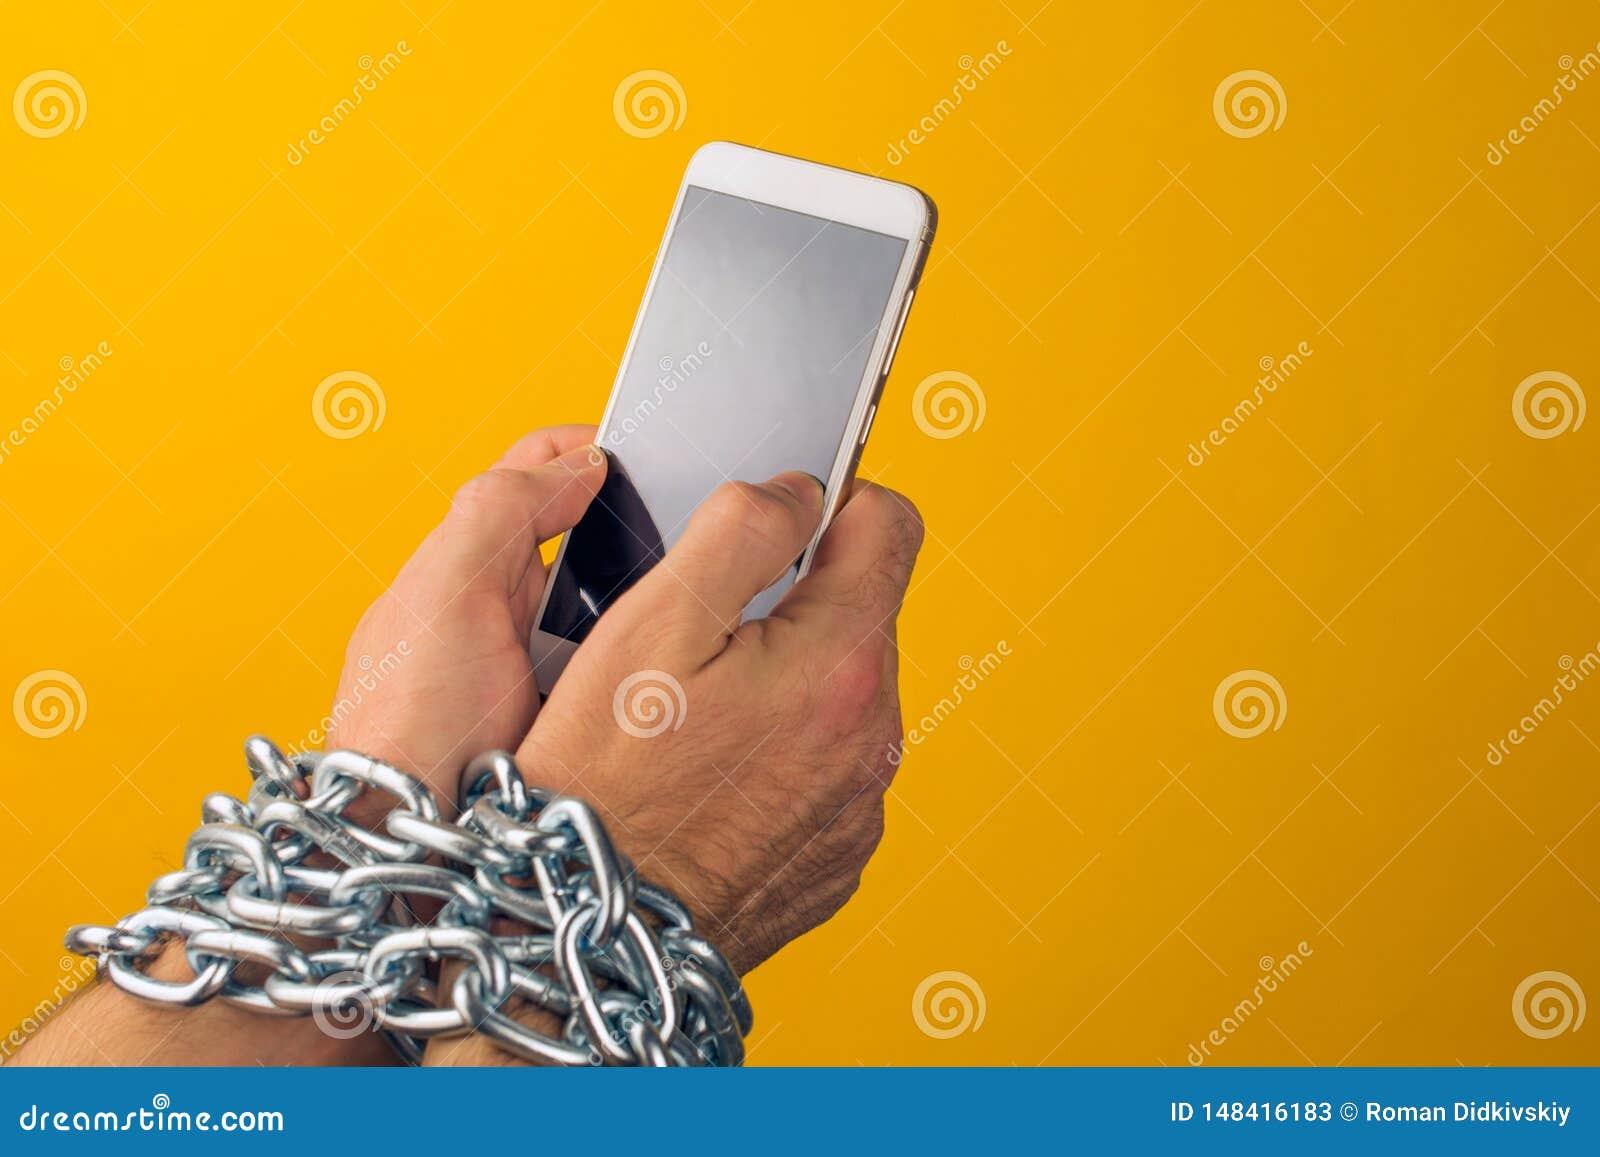 Internetowy lub ogólnospołeczny medialny nałóg